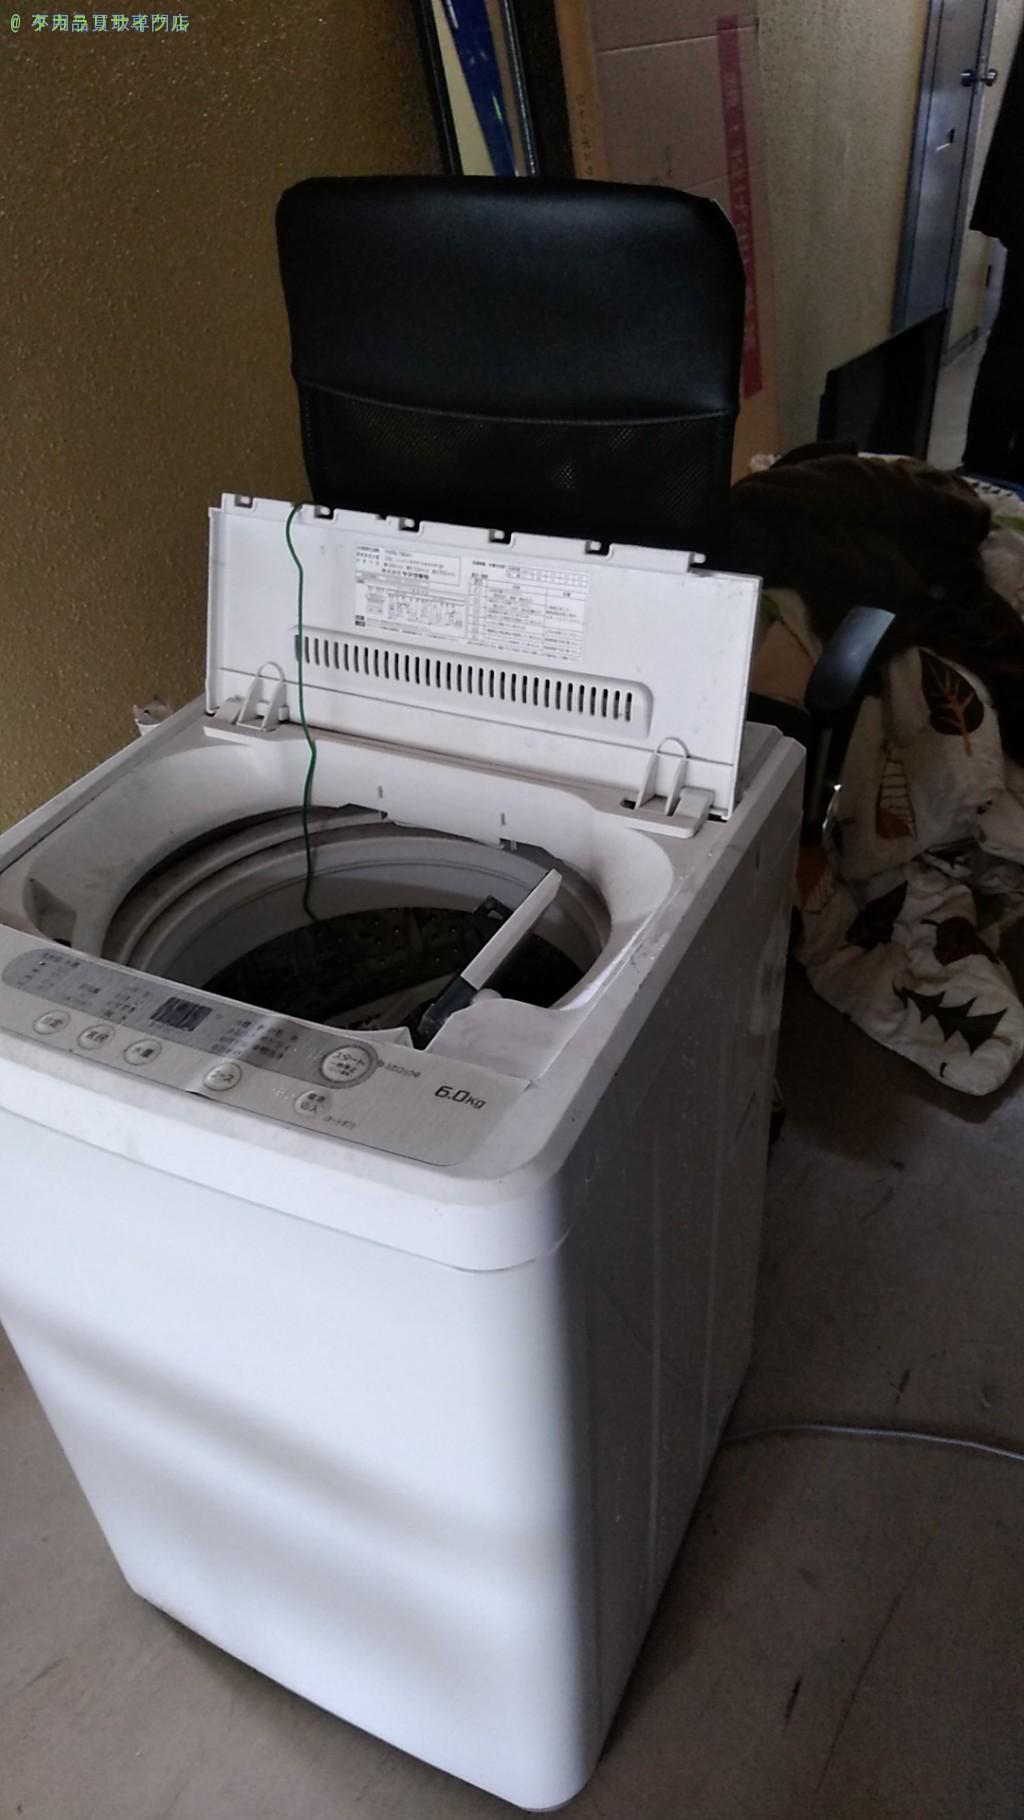 【高知市朝倉丙】家具・家電一式の処分・回収のご依頼者さま